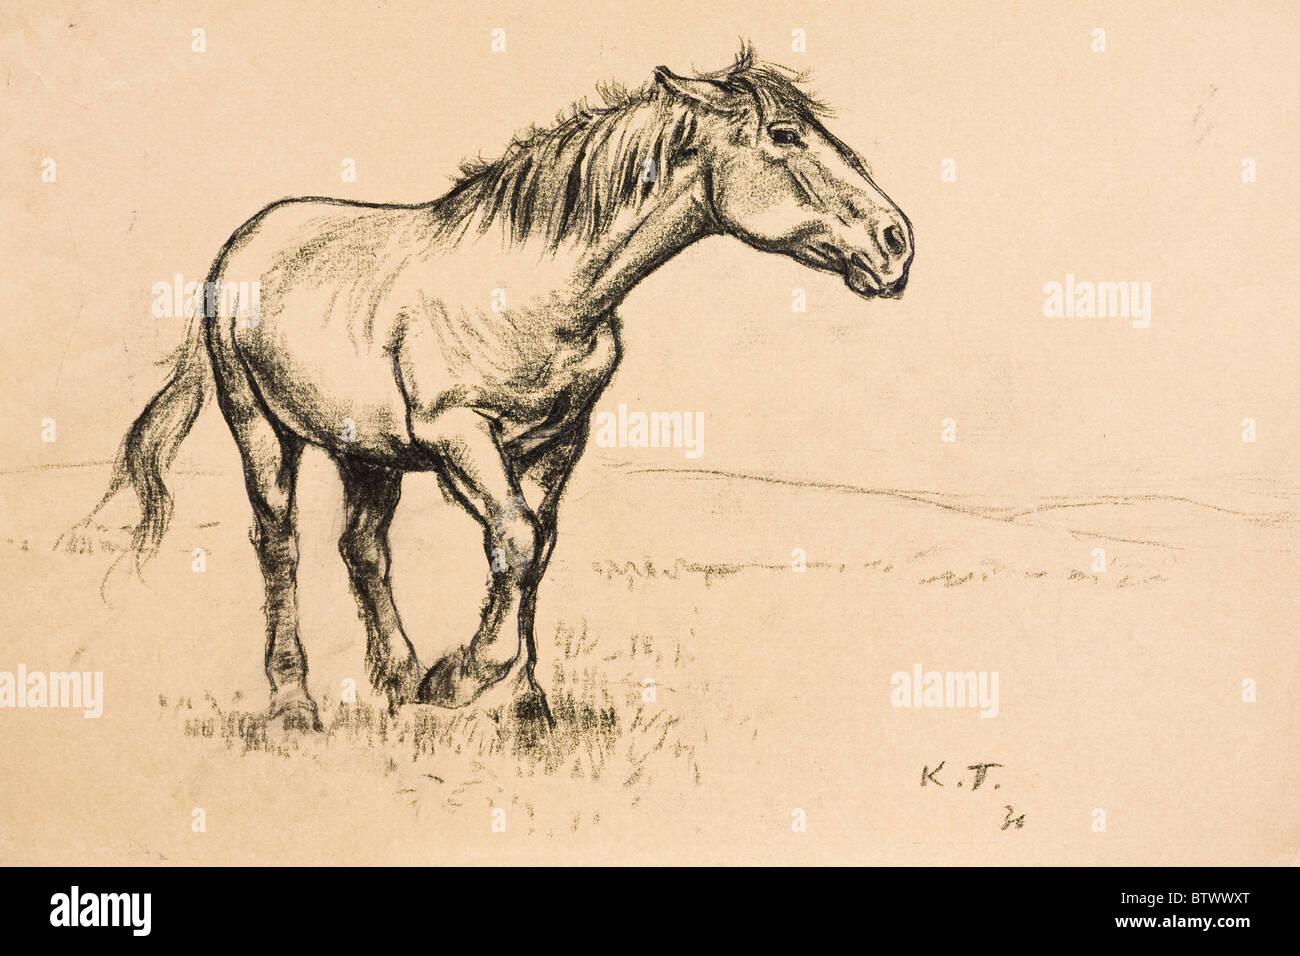 Cavallo ritratto, carboncino su carta da Kurt Tessmann, 1936 Immagini Stock